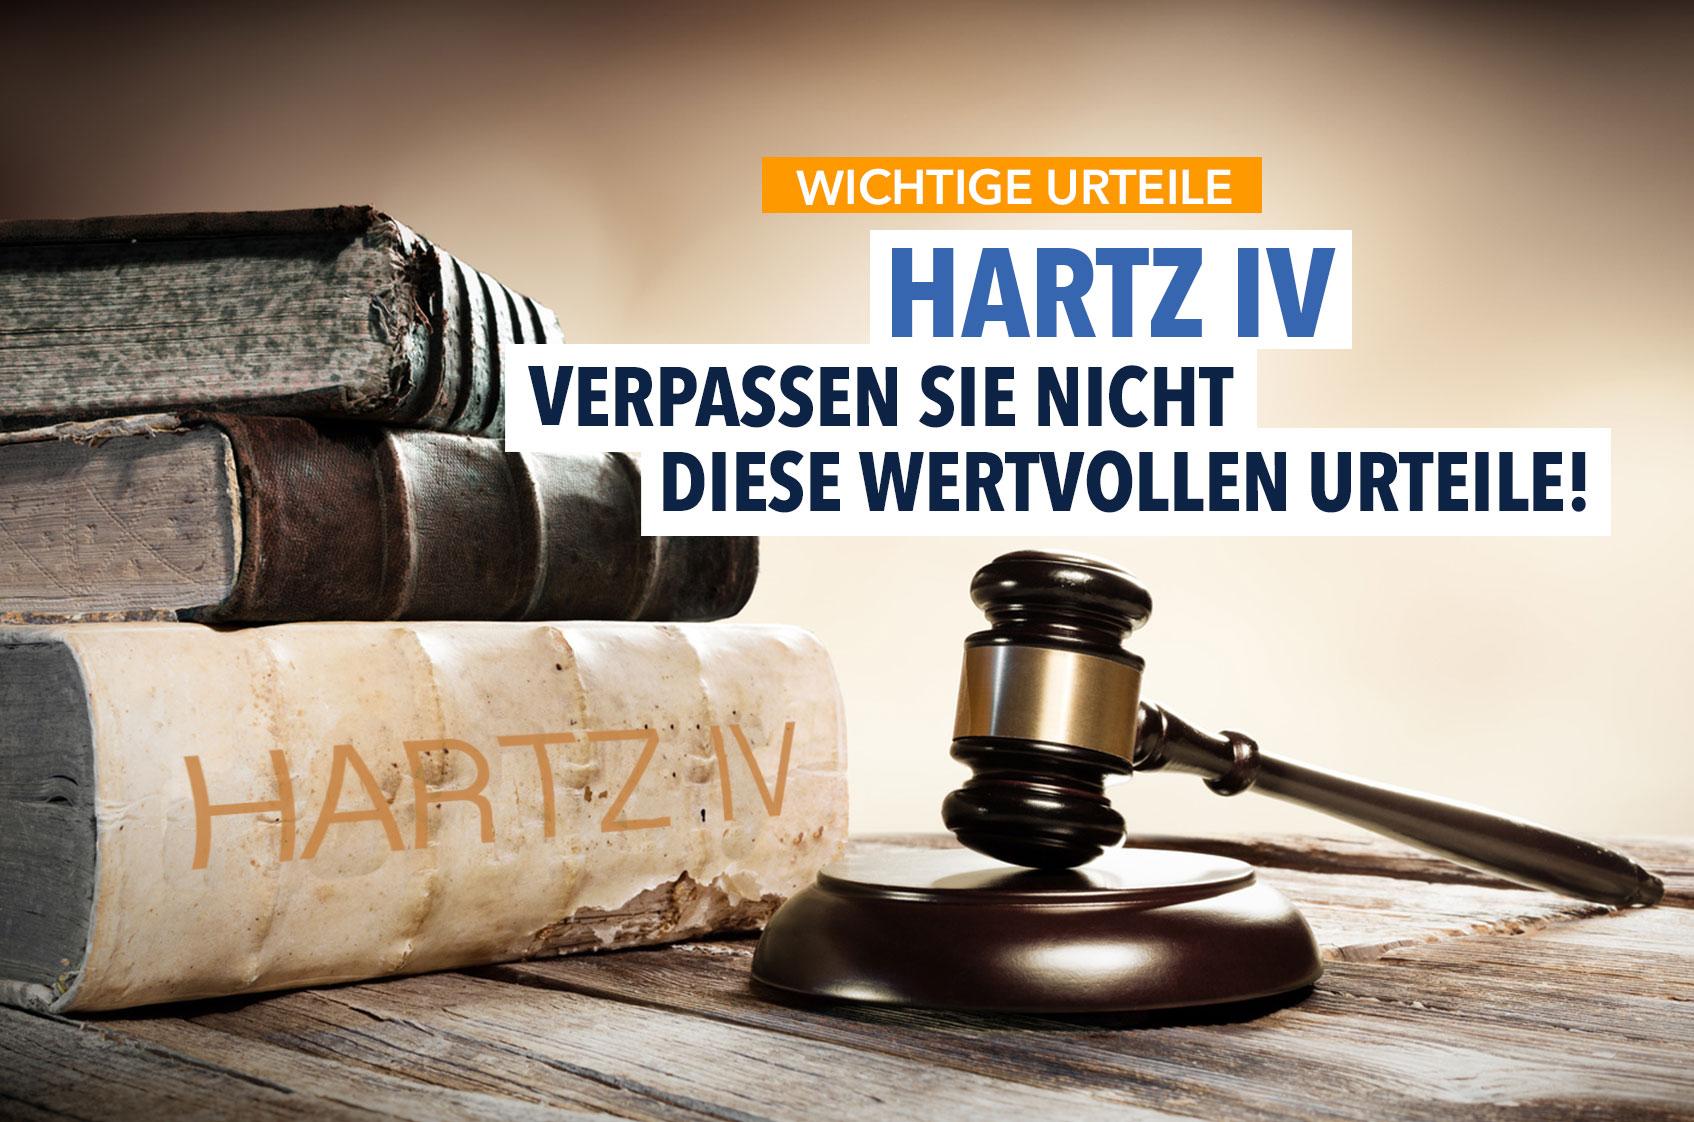 10-Urteile,-die-Sie-als-Hartz-IV-Empfaenger-kennen-sollten